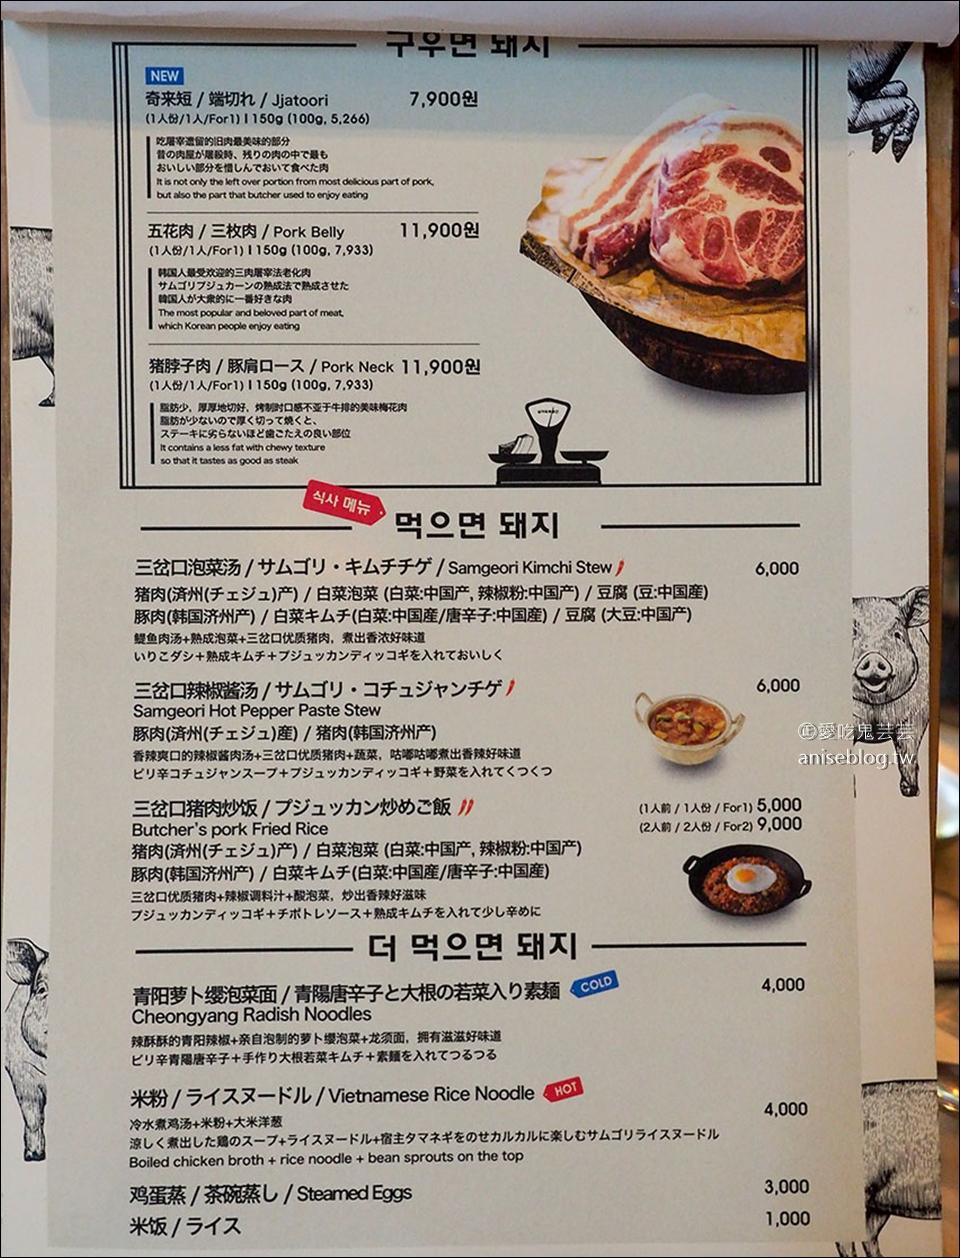 弘大燒肉 | YG娛樂旗下的三巨里肉舖,據說常遇到藝人!